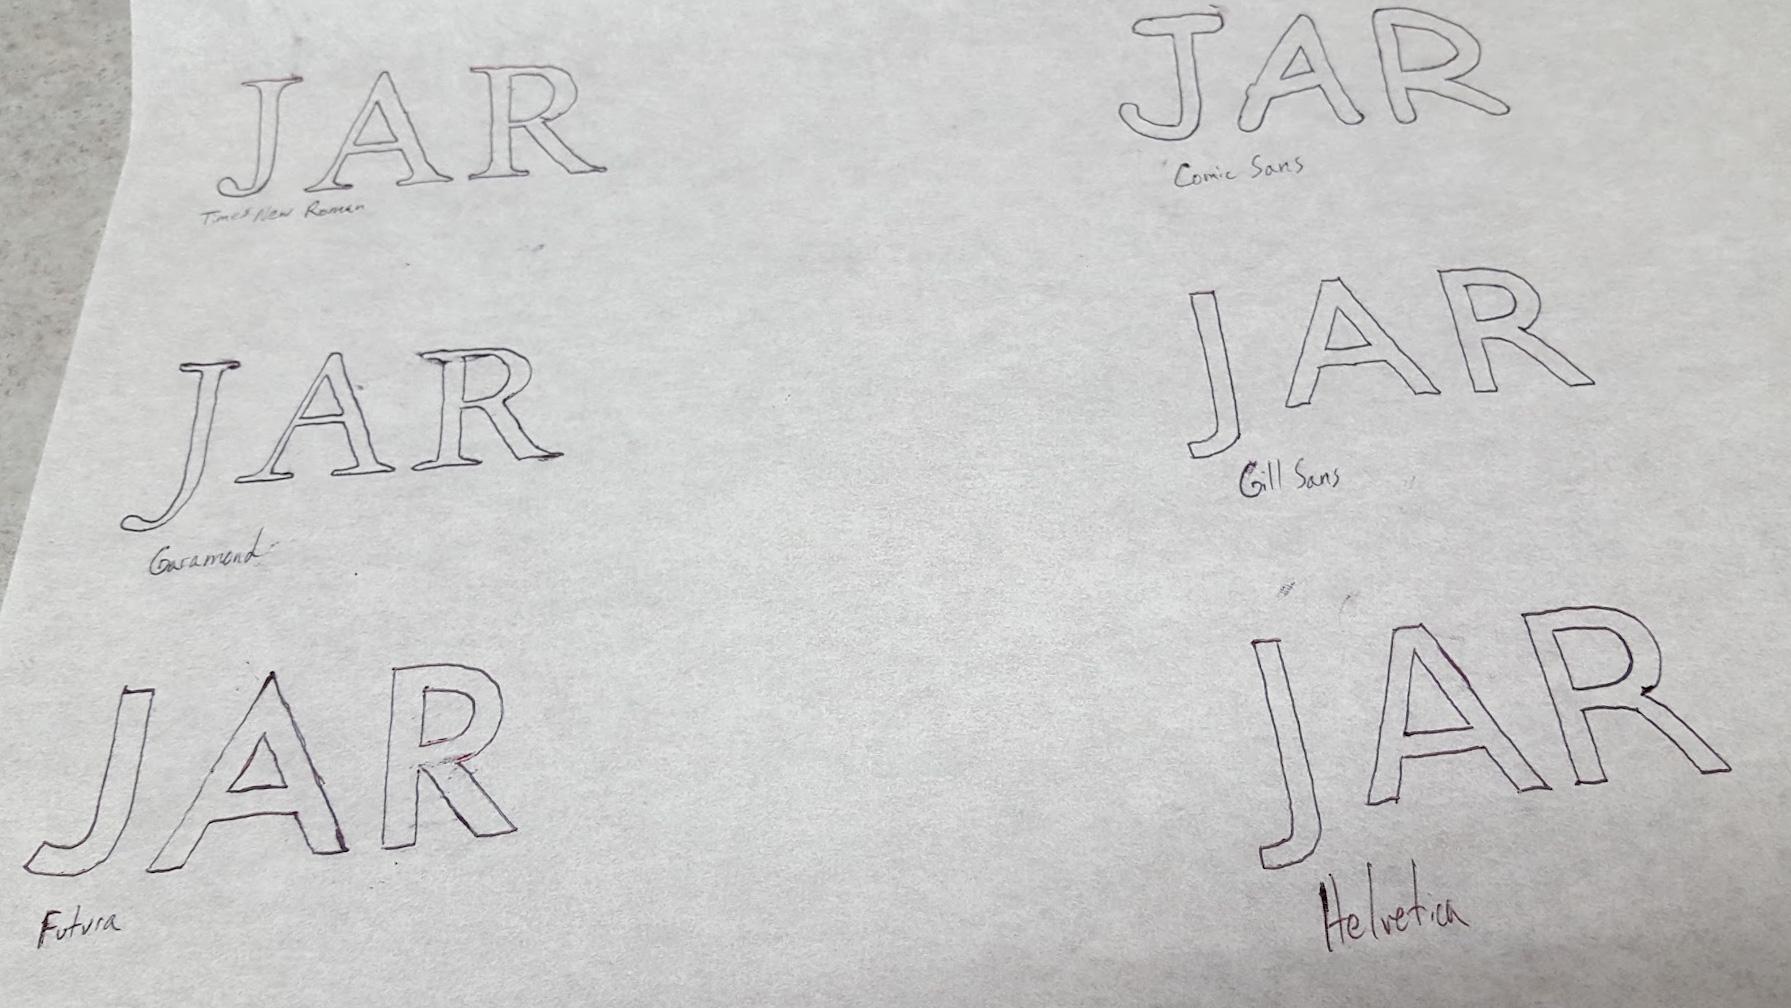 Tracing Fonts – 710Taxidiotis